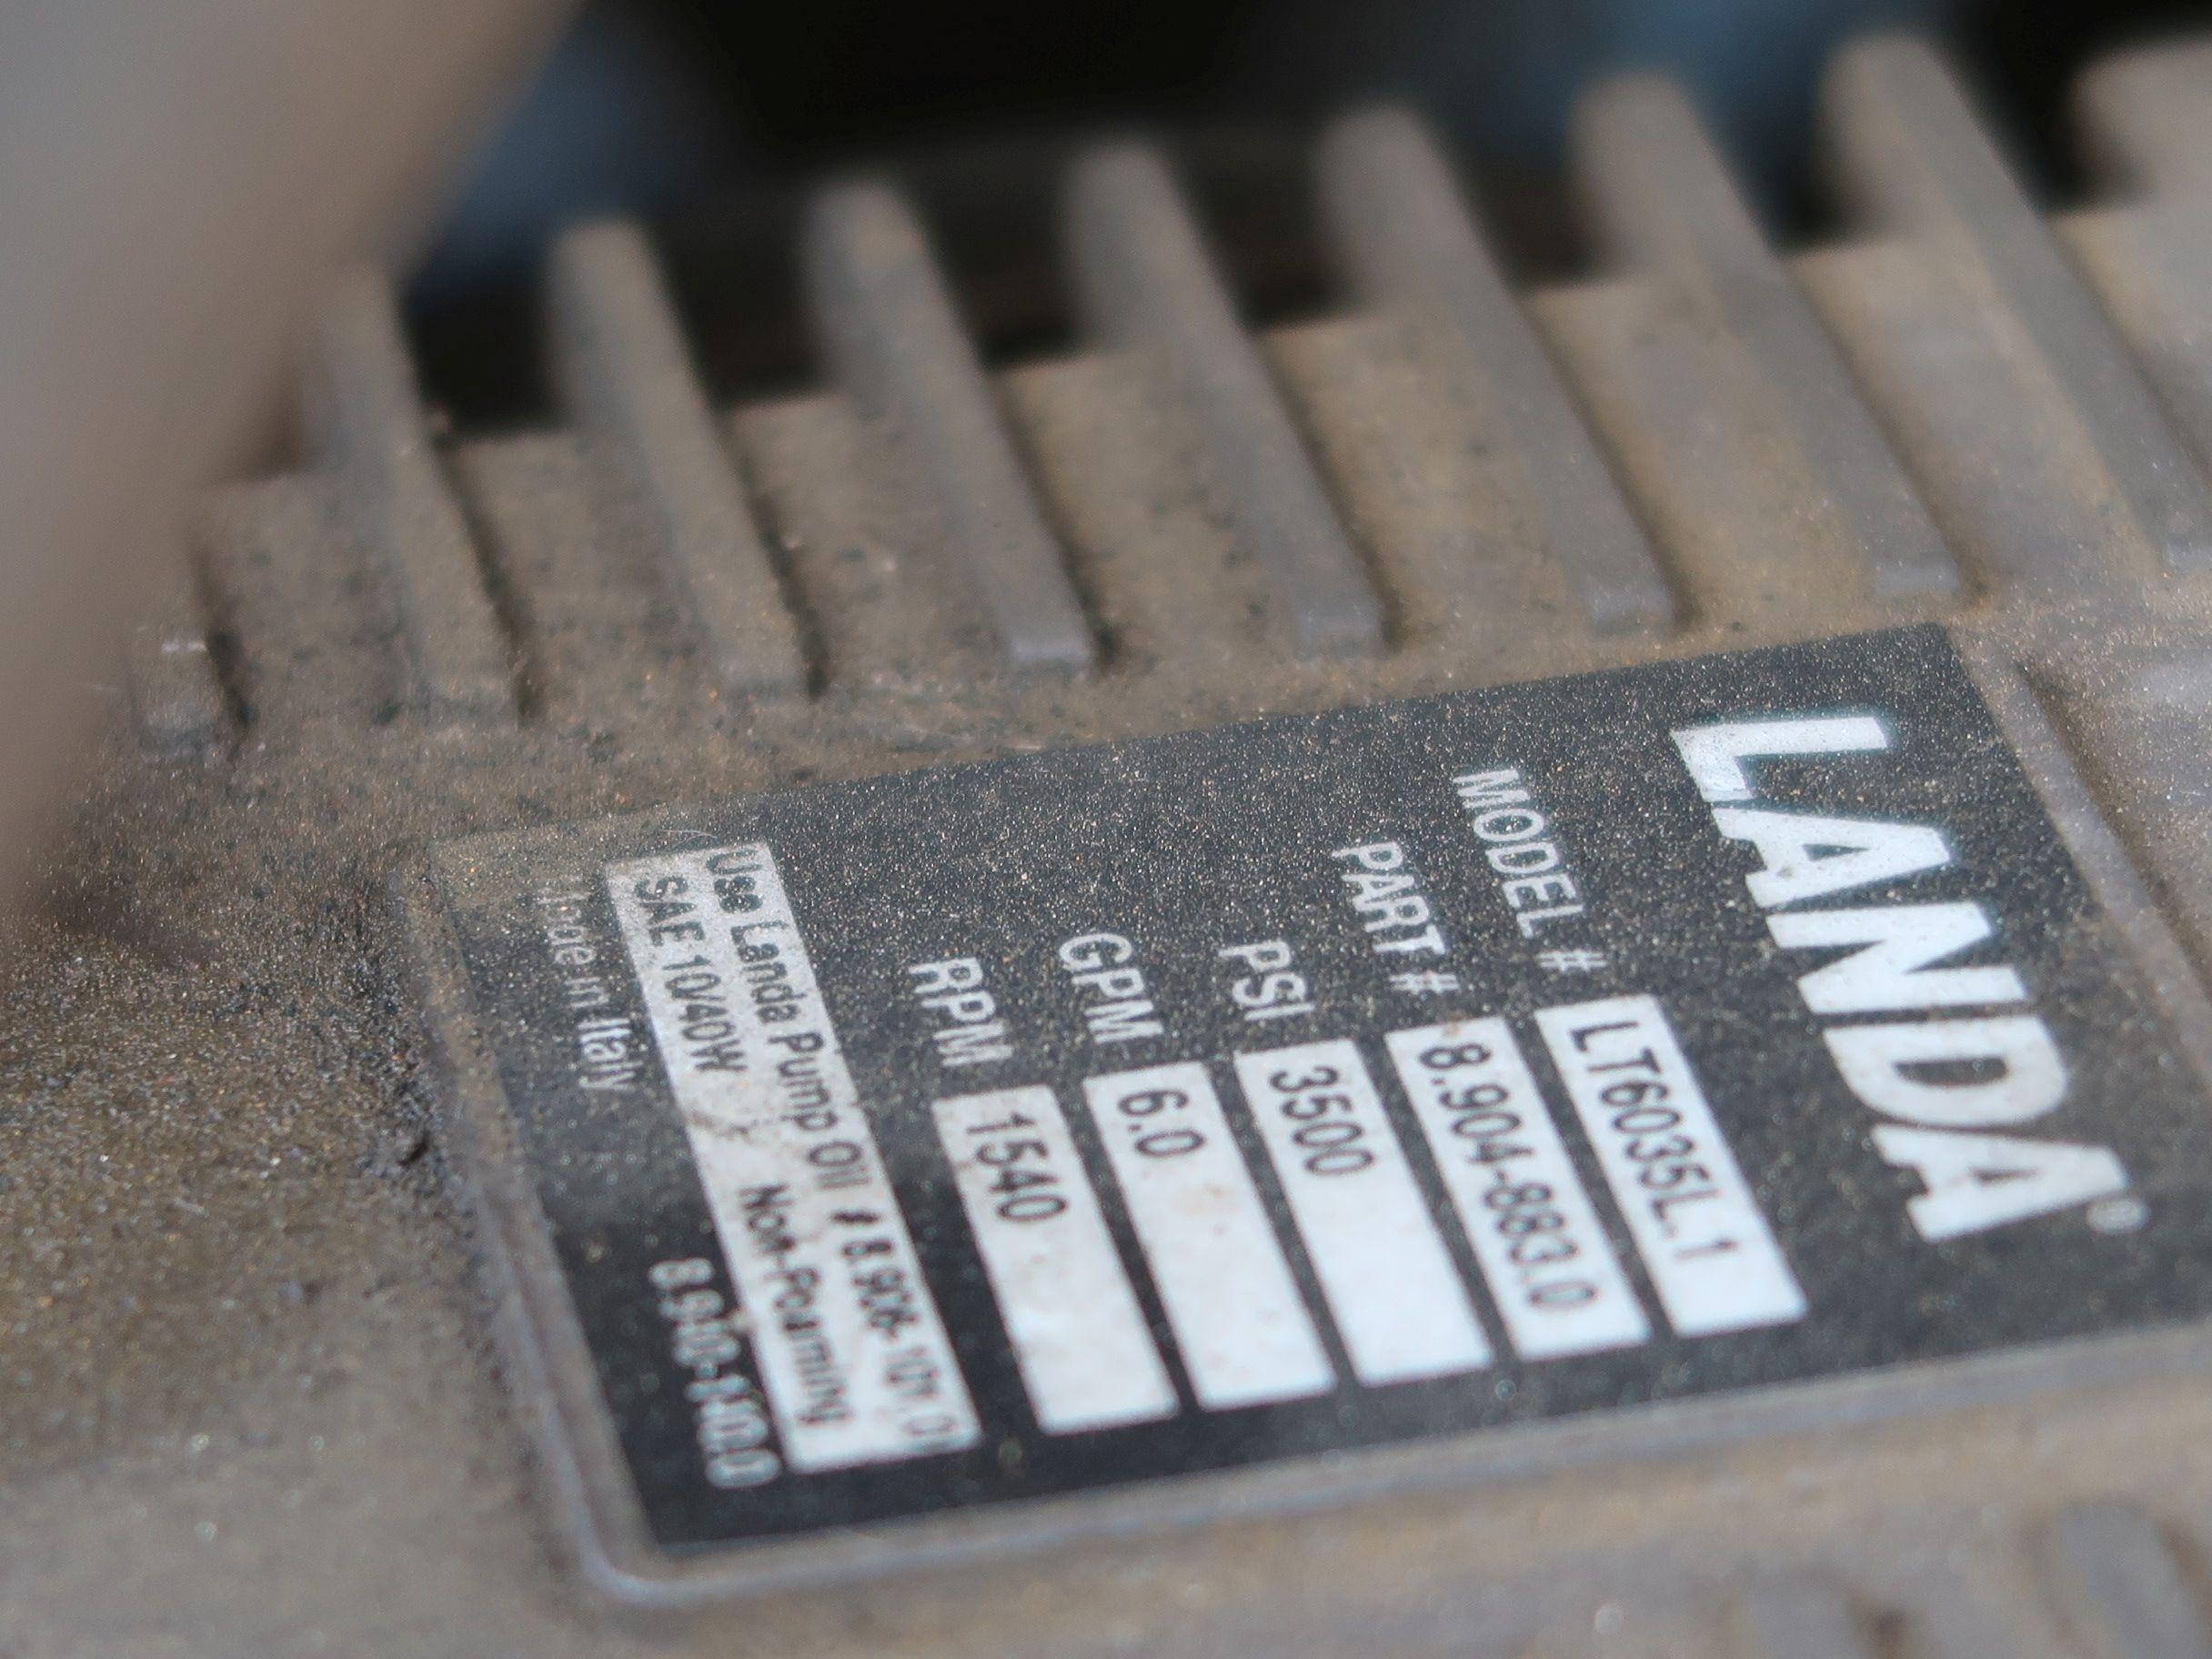 Lot 1002 - 3,500 PSI LANDA MODEL SDHW6-3500E DIESEL POWERED SKID MOUNTED POWER WASHER; S/N P0206-118436,